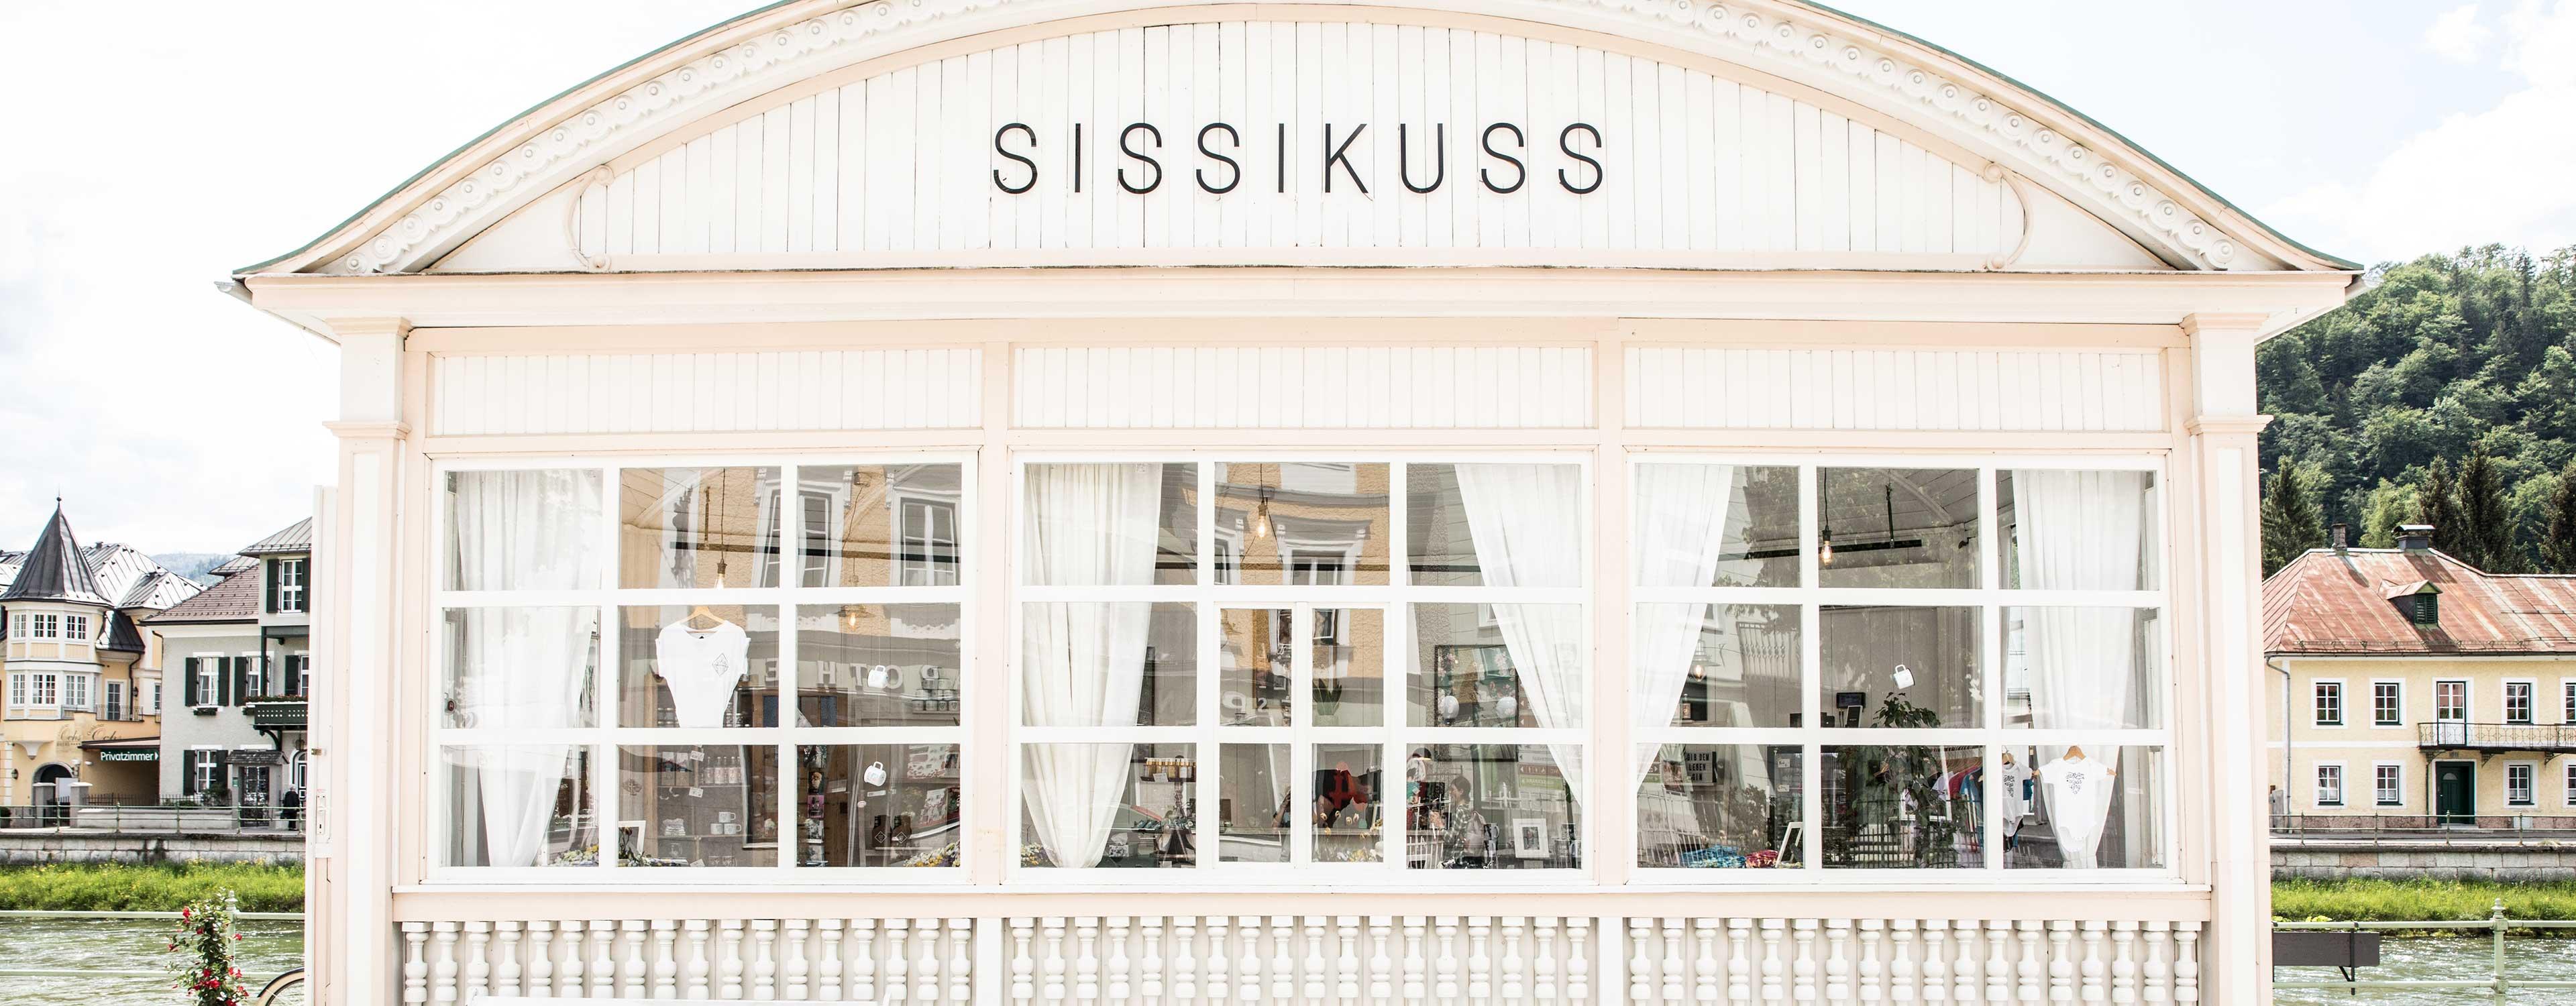 SISSIKUSS Shop Bad Ischl Außenansicht